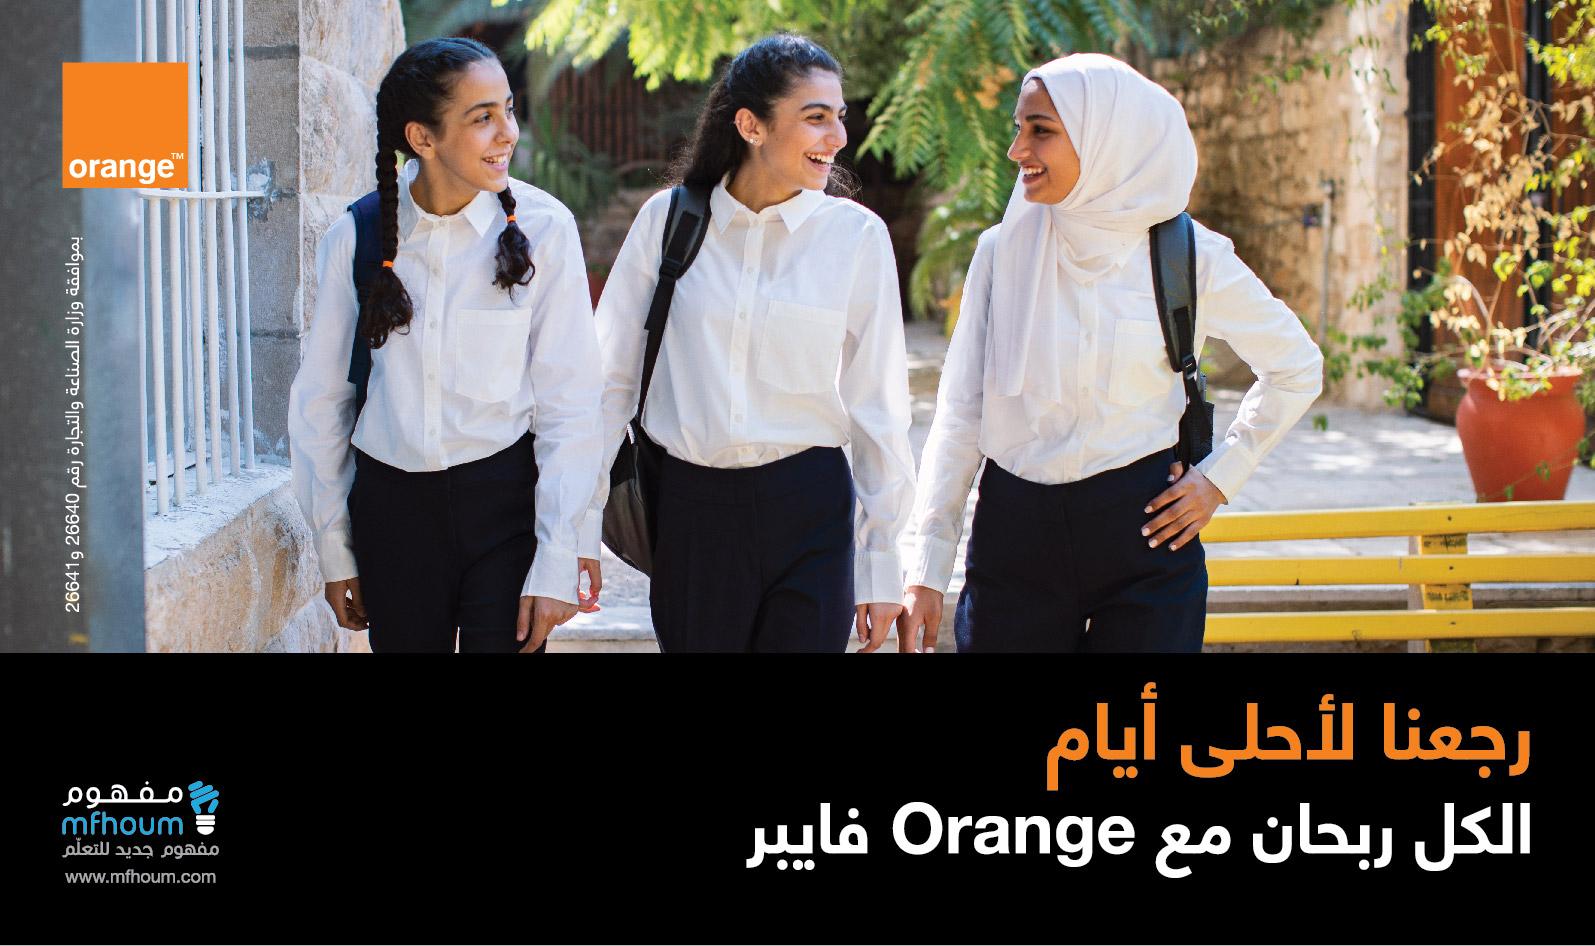 """أورنج الأردن تطلق حملة """"رجعنا لأحلى أيام"""" بالتزامن مع العودة للمدارس"""